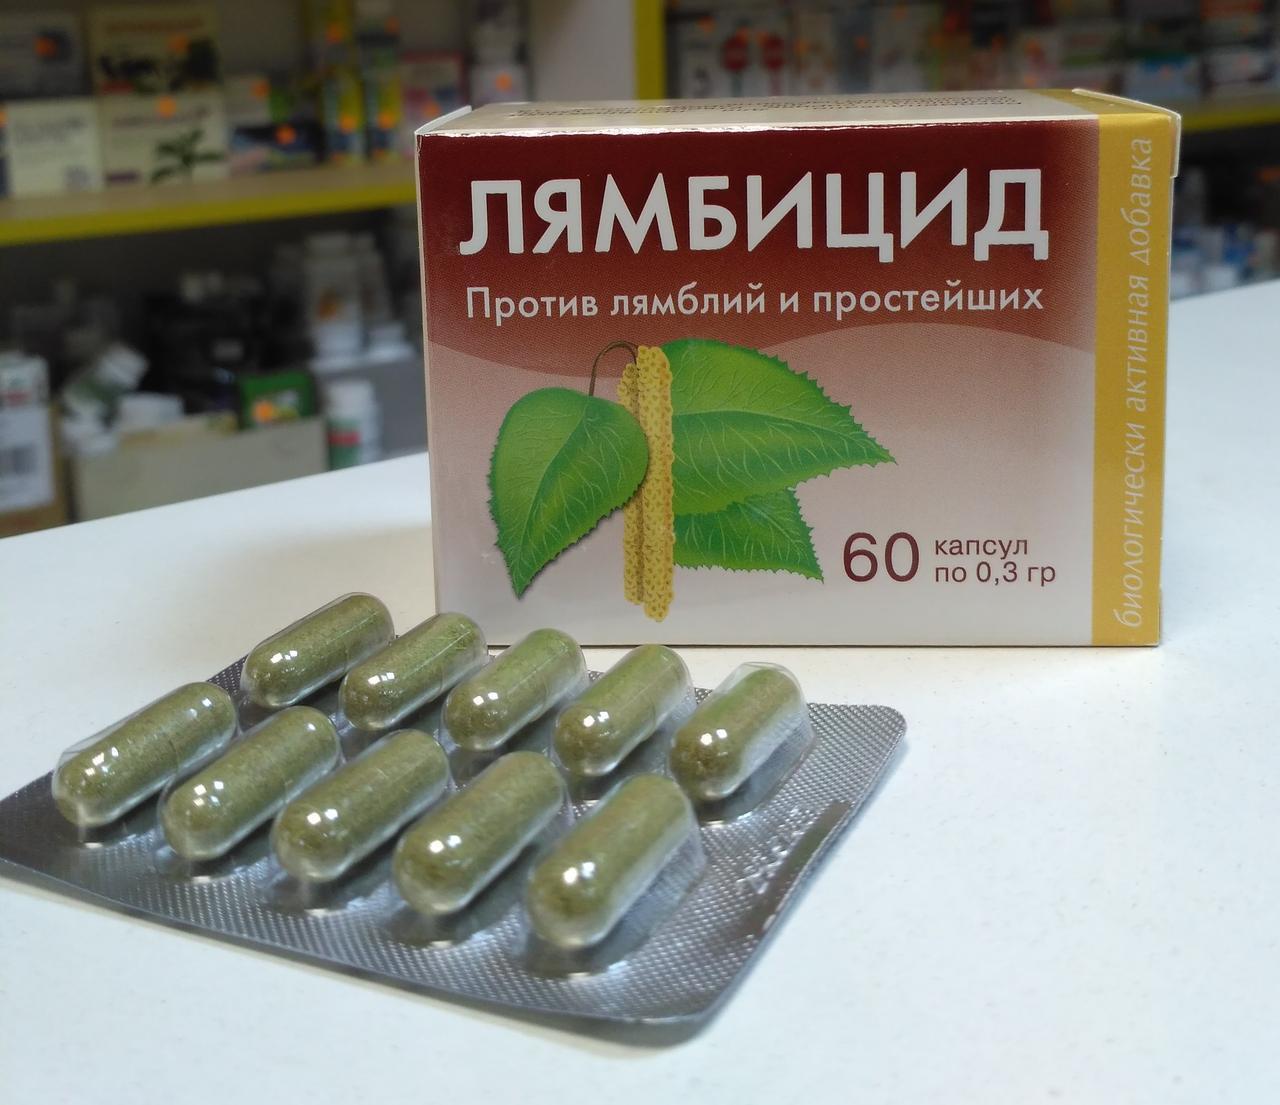 Лямбицид 60 капсул